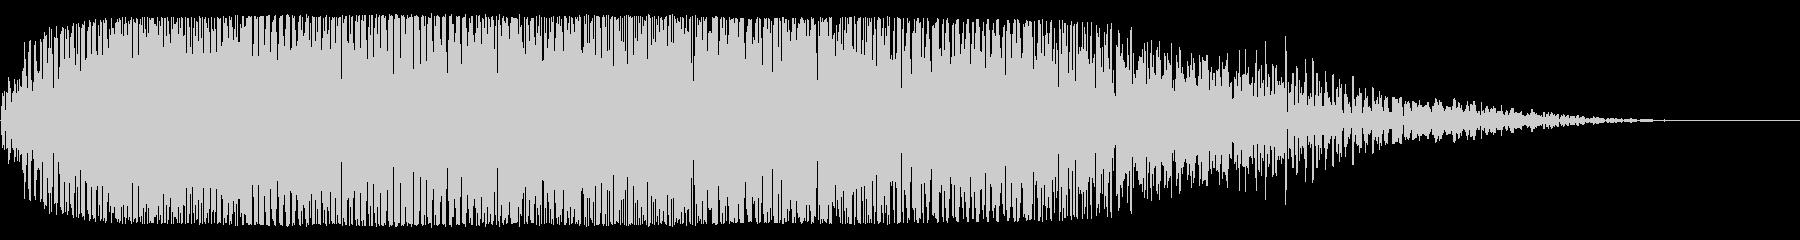 宇宙船通過(神秘的または幻想的な音)の未再生の波形